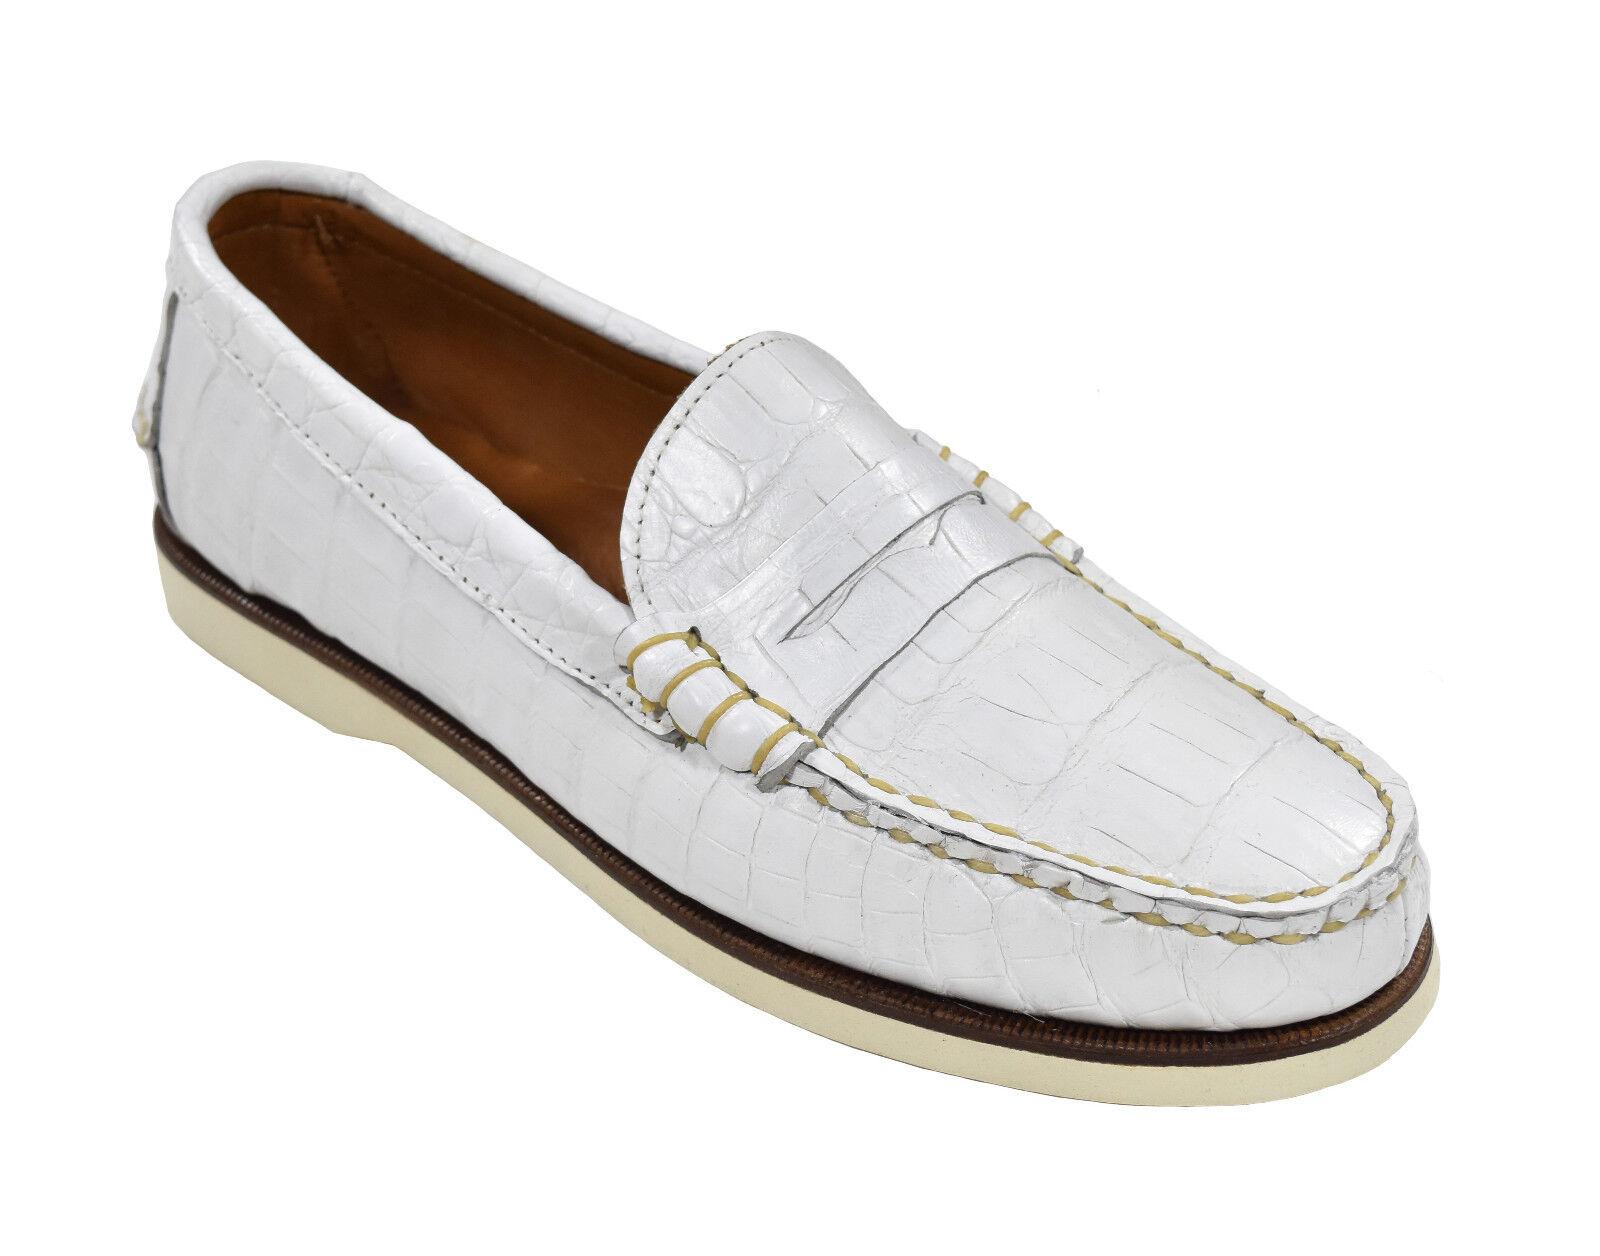 Ralph Lauren Violet Étiquette Blanc Crocodile Tamworth Chaussures Bateau